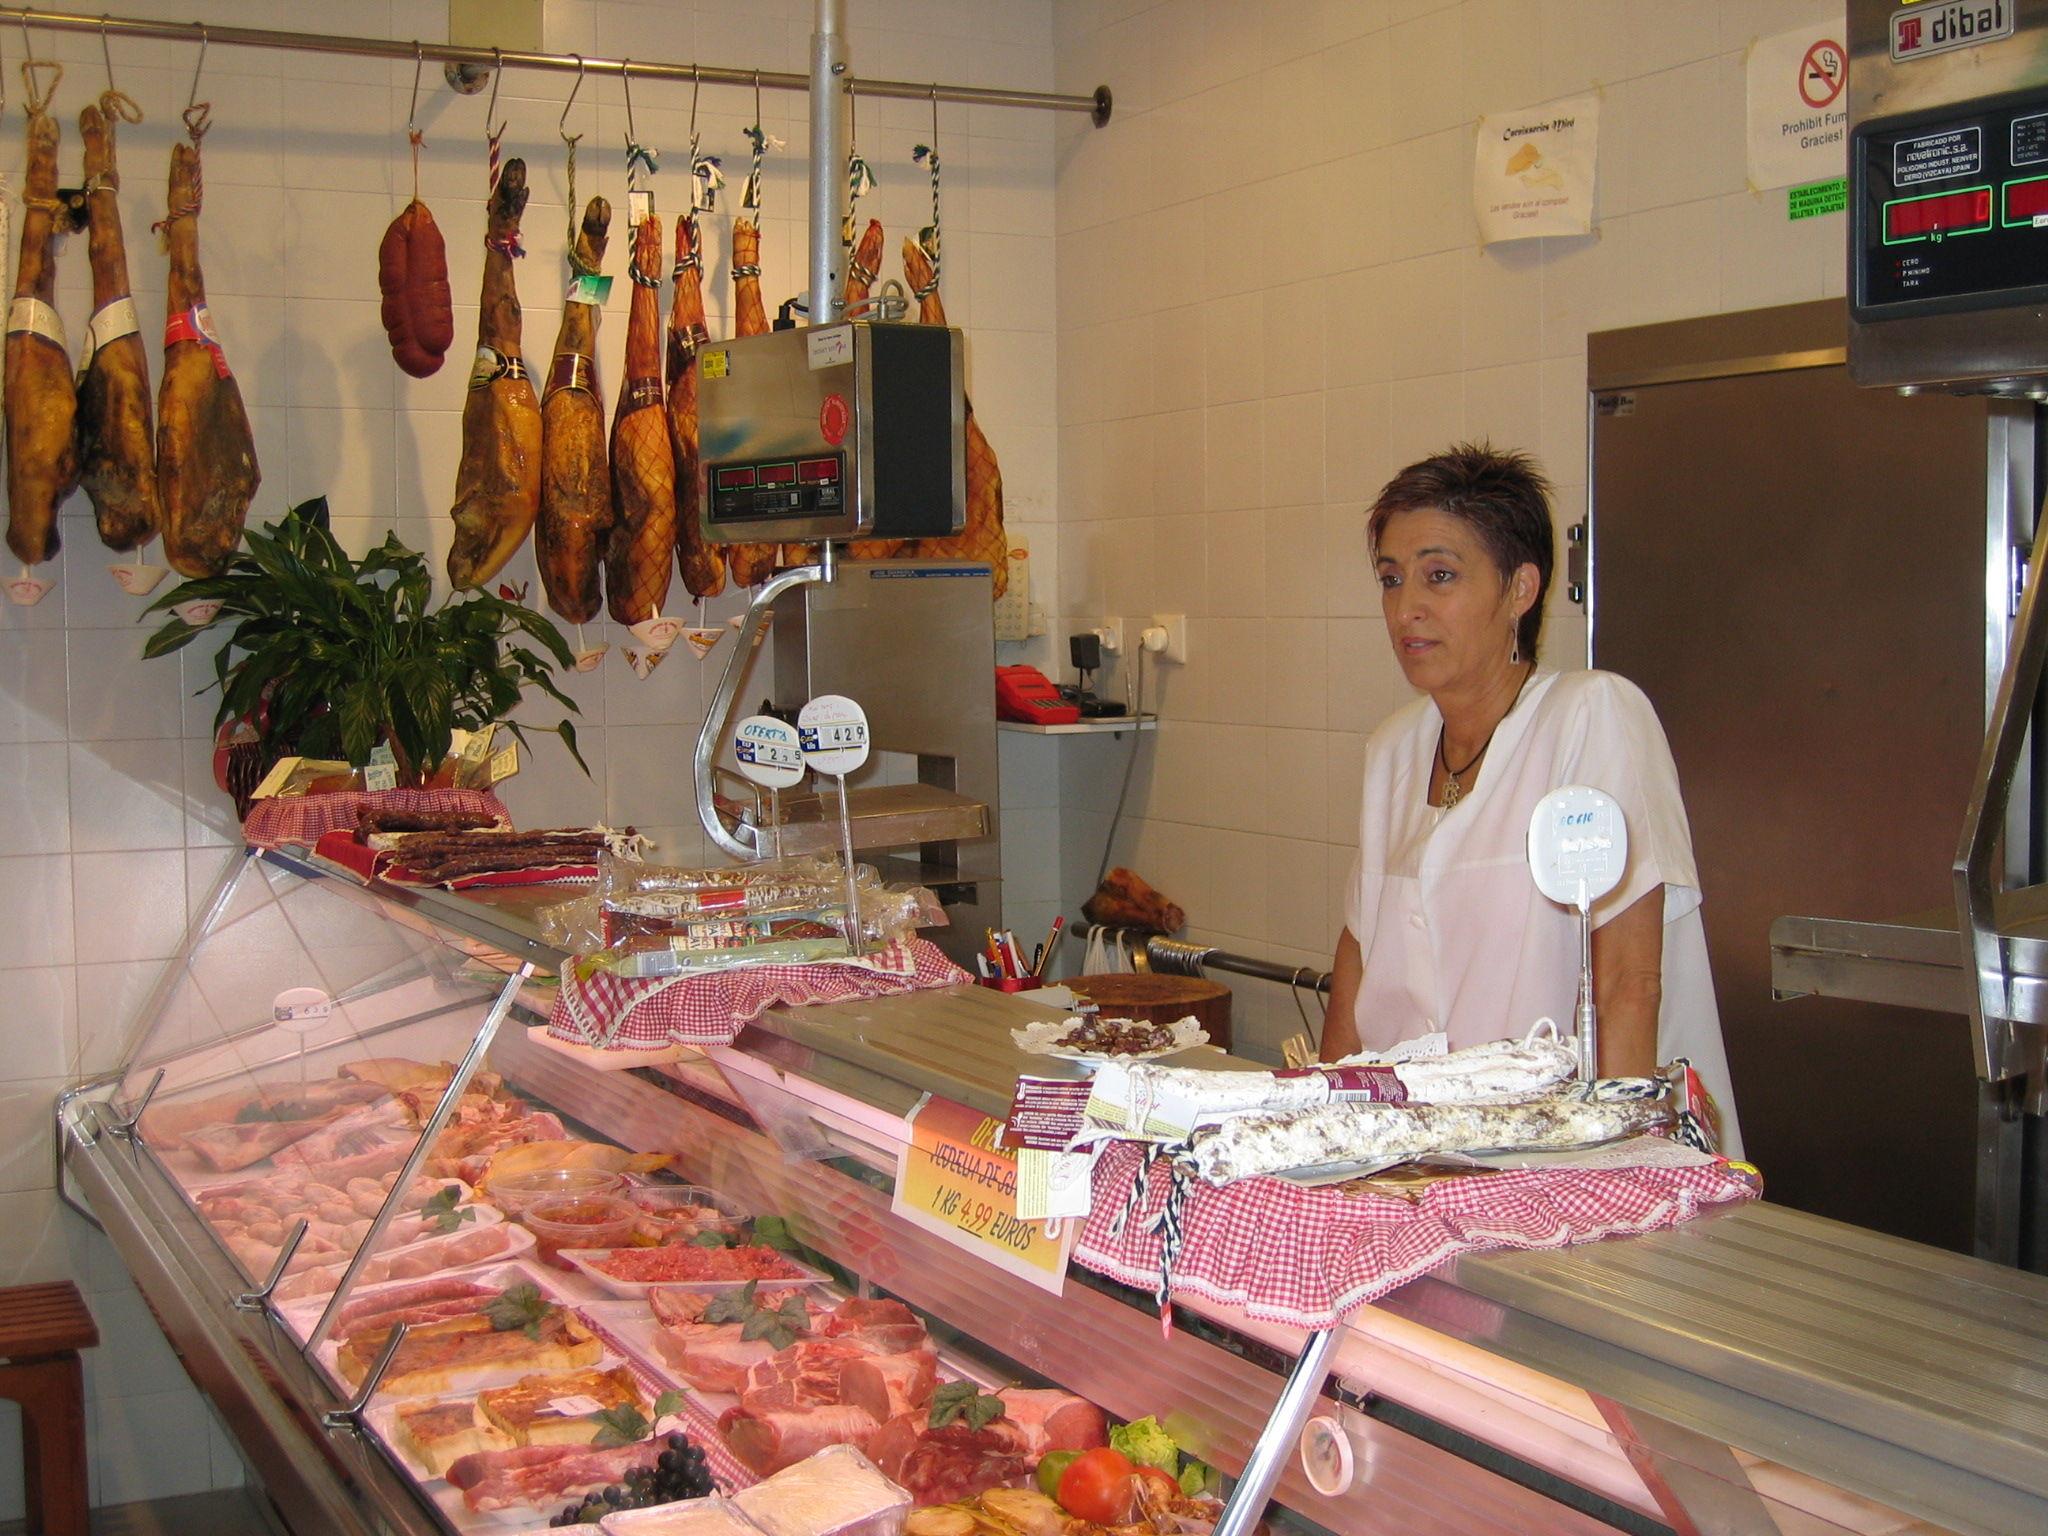 Foto 2 de Carnicerías en Falset | Carnisseries Miró